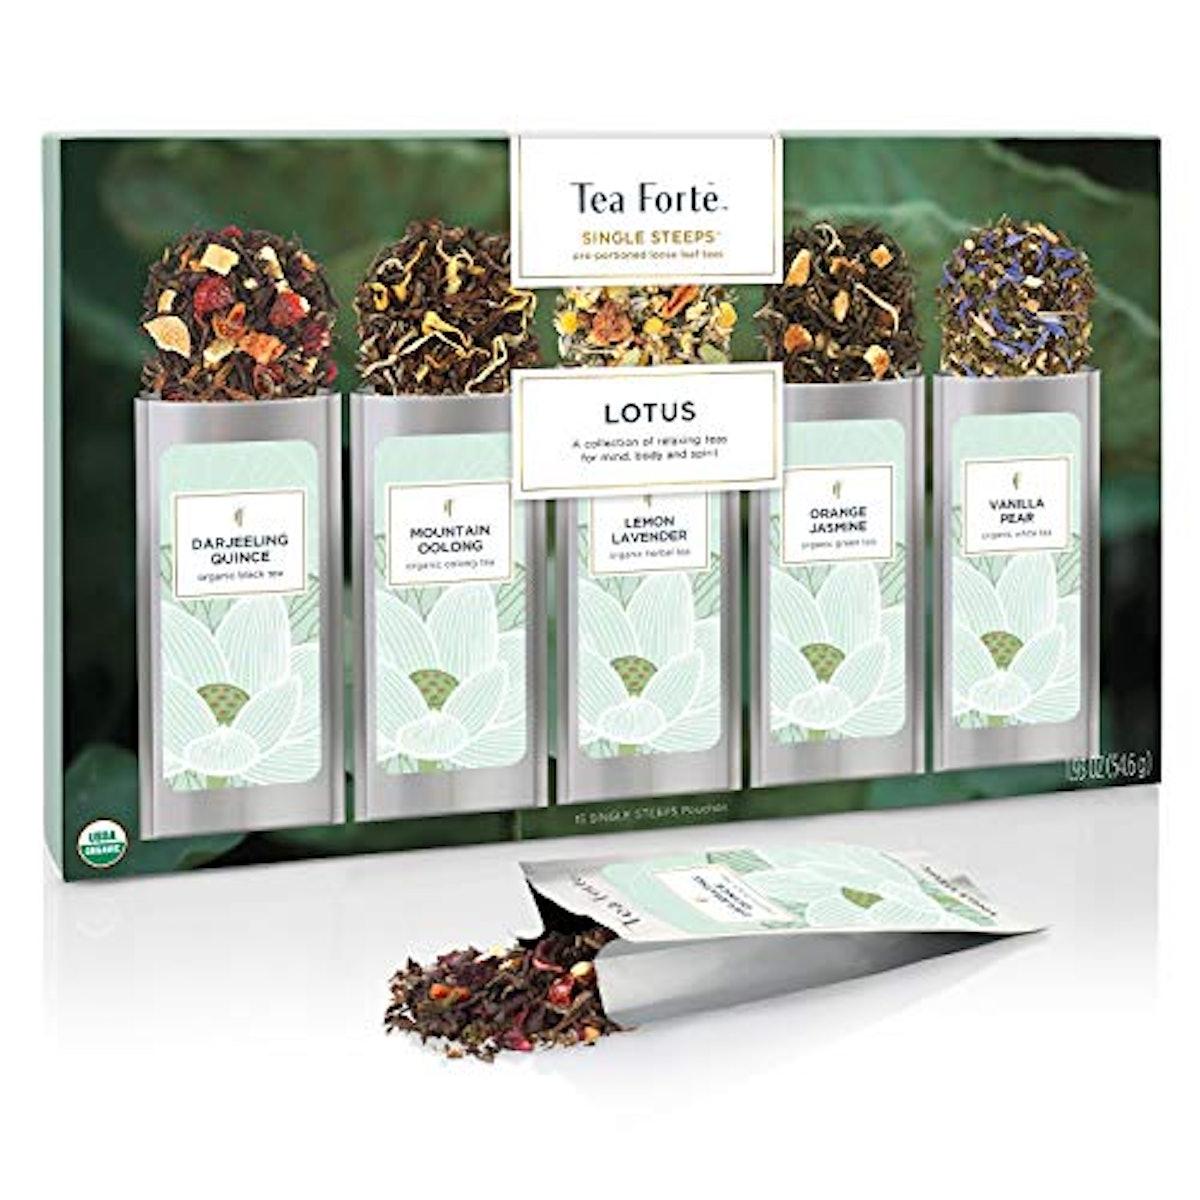 Tea Forte Single Steeps Loose Leaf Tea Sampler